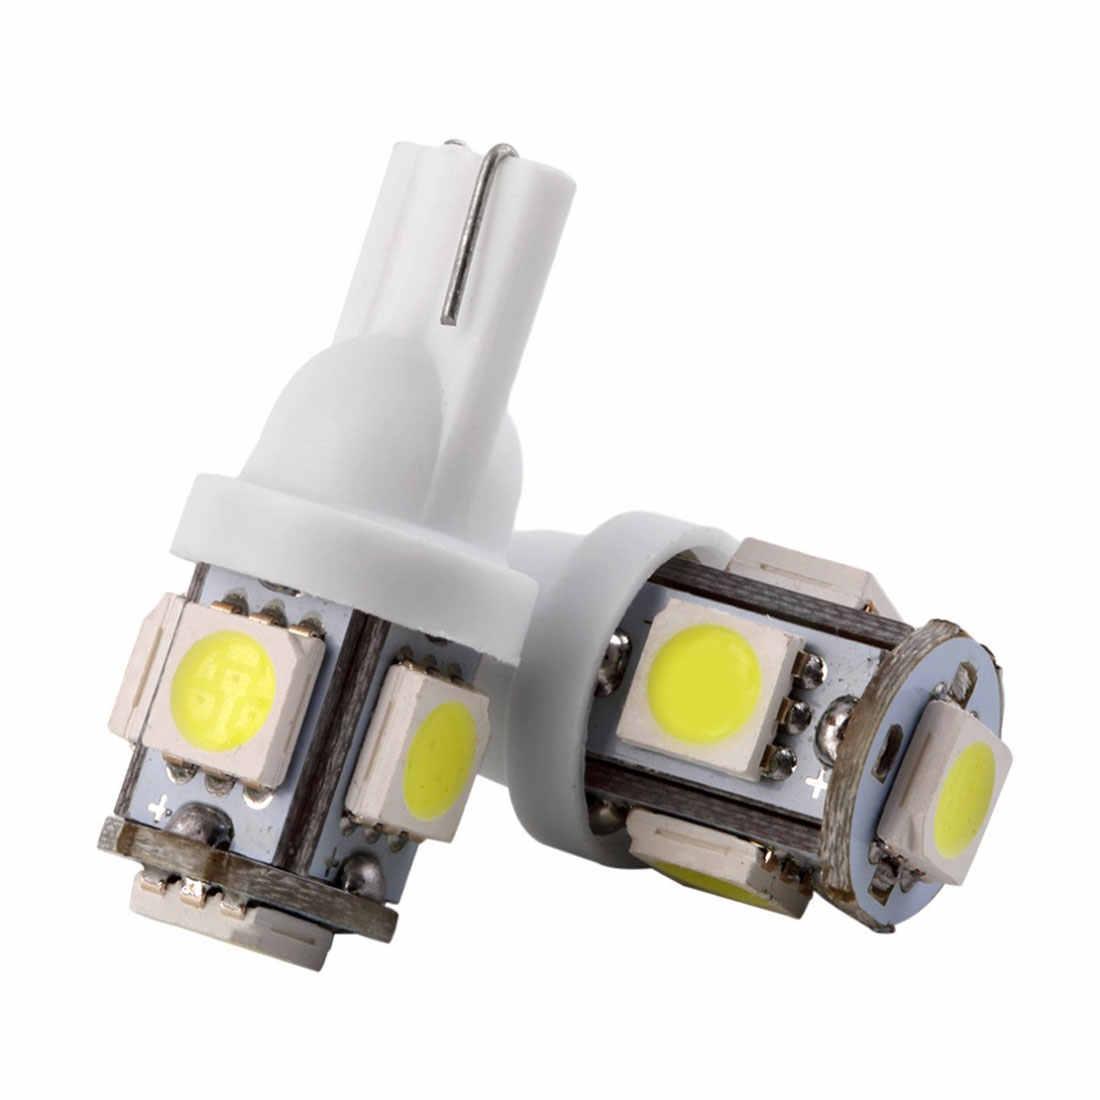 10 шт. autohot T10 5 светодиодный 1 Вт 5050 W5W Клин дверь парковочная лампа света автомобиля 5W5 светодиодный купол с фестонами C5W C10W номерного знака свет ксенона